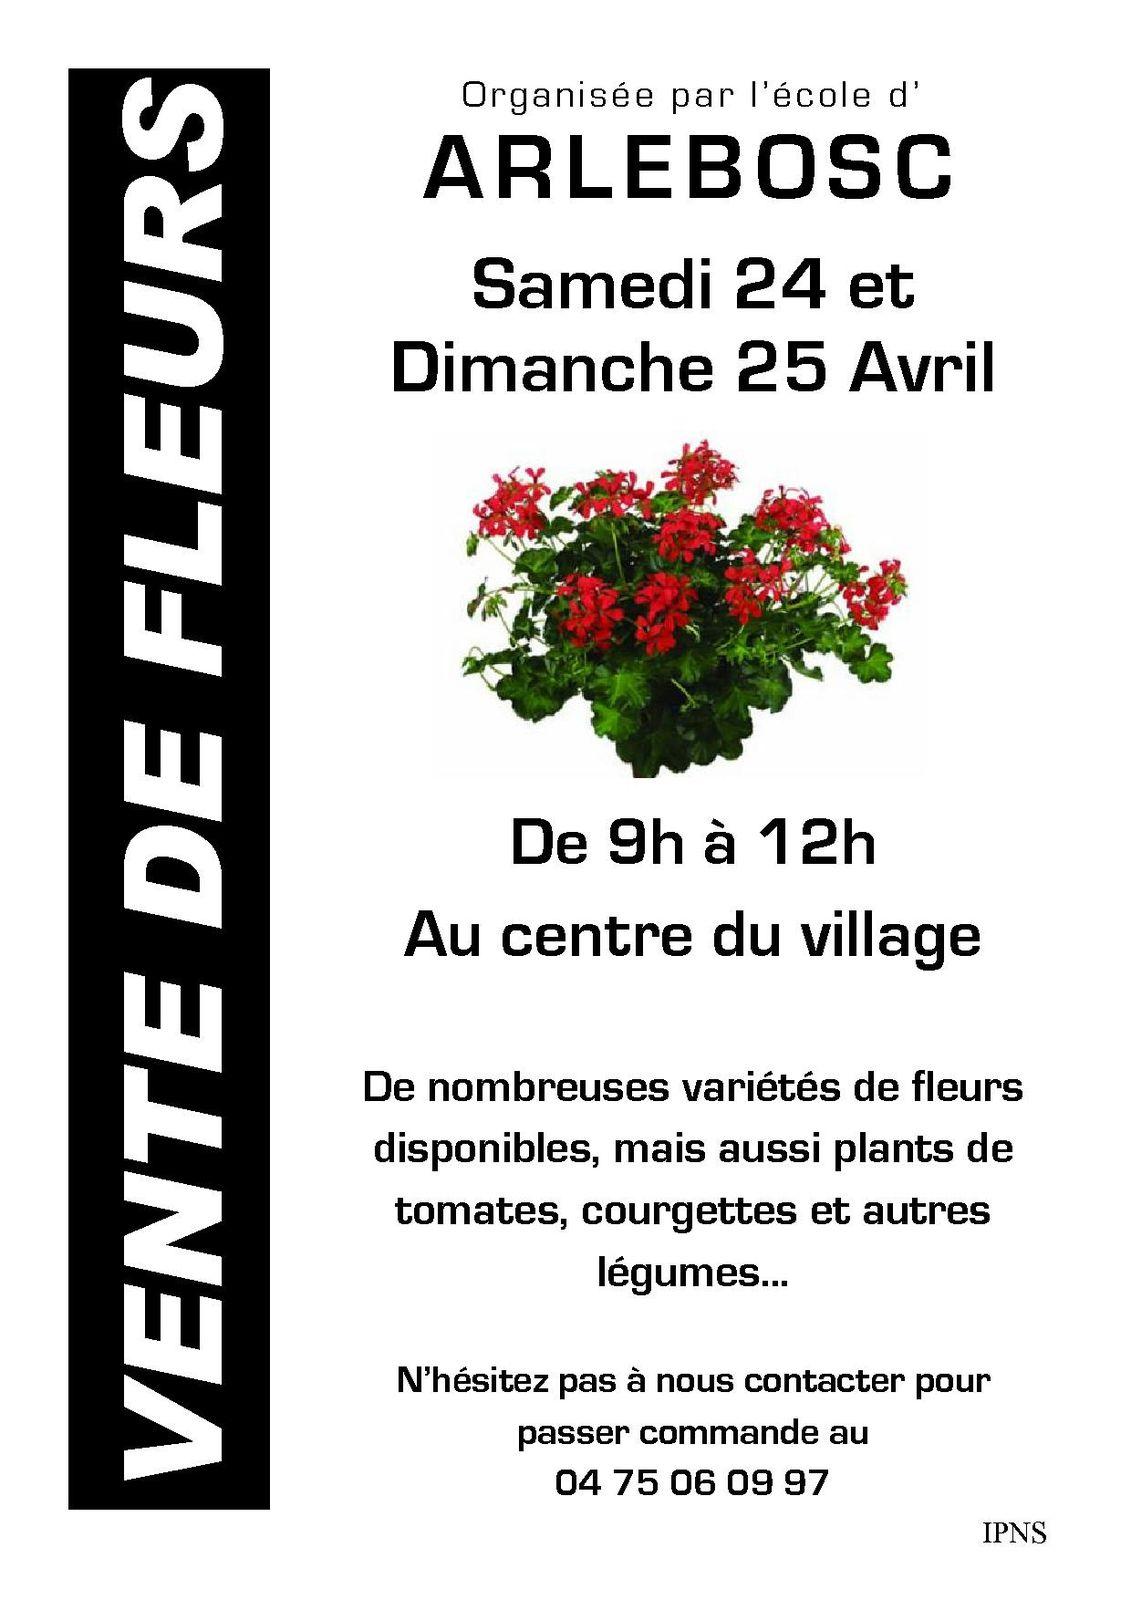 Vente plants fleurs et legumes 24 et 25 avril mairie d for Fleurs vente